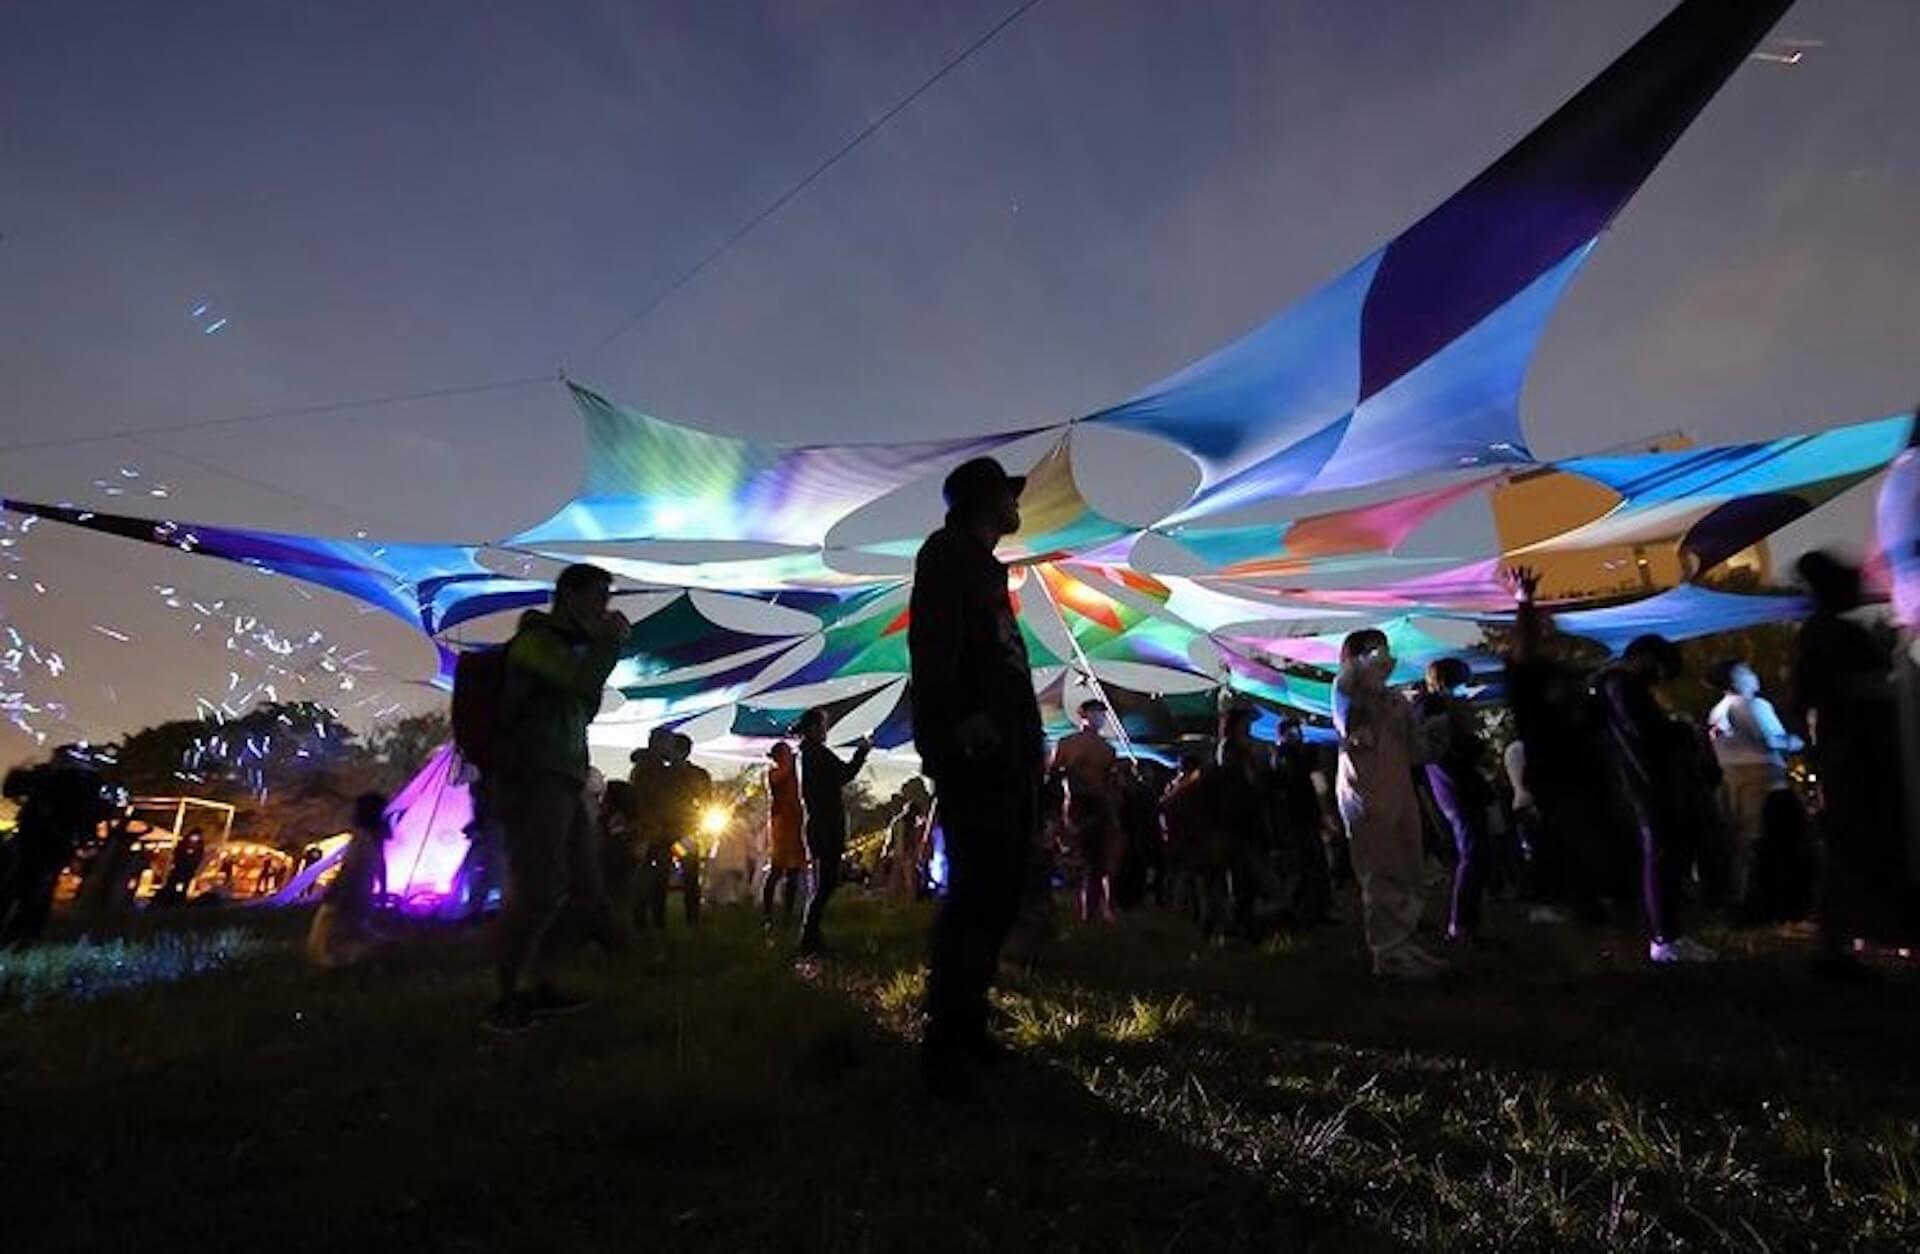 10月開催の<Brightness Open Air 2021 Autumn>第1弾ラインナップが発表!KEN ISHII、REE.K、HIROSHI WATANABE a.k.a KAITOら20組超え music210805_brightness-open-air_9